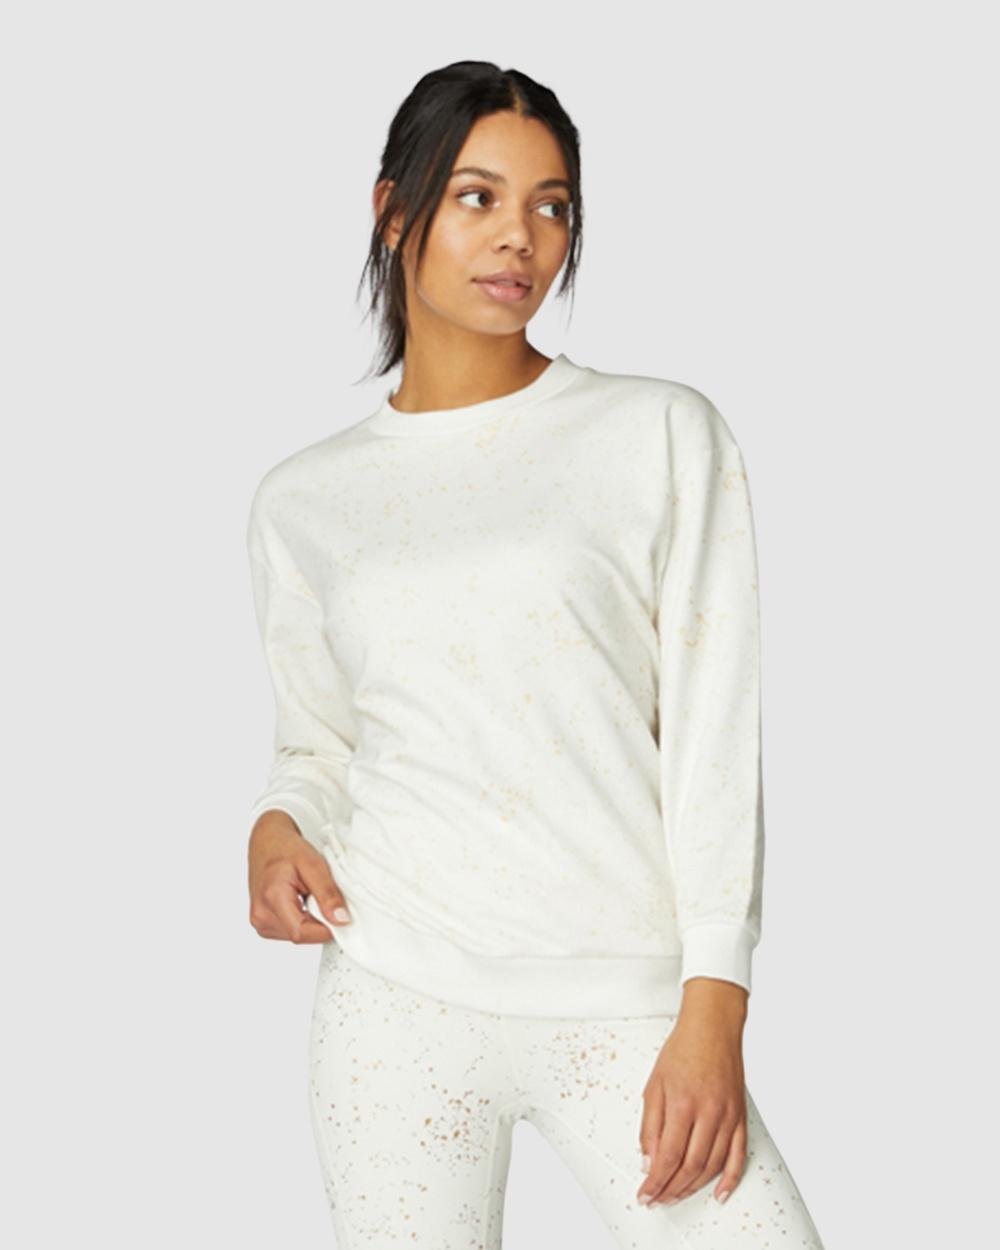 L'urv - Stars Align Sweat - T-Shirts & Singlets (White) Stars Align Sweat